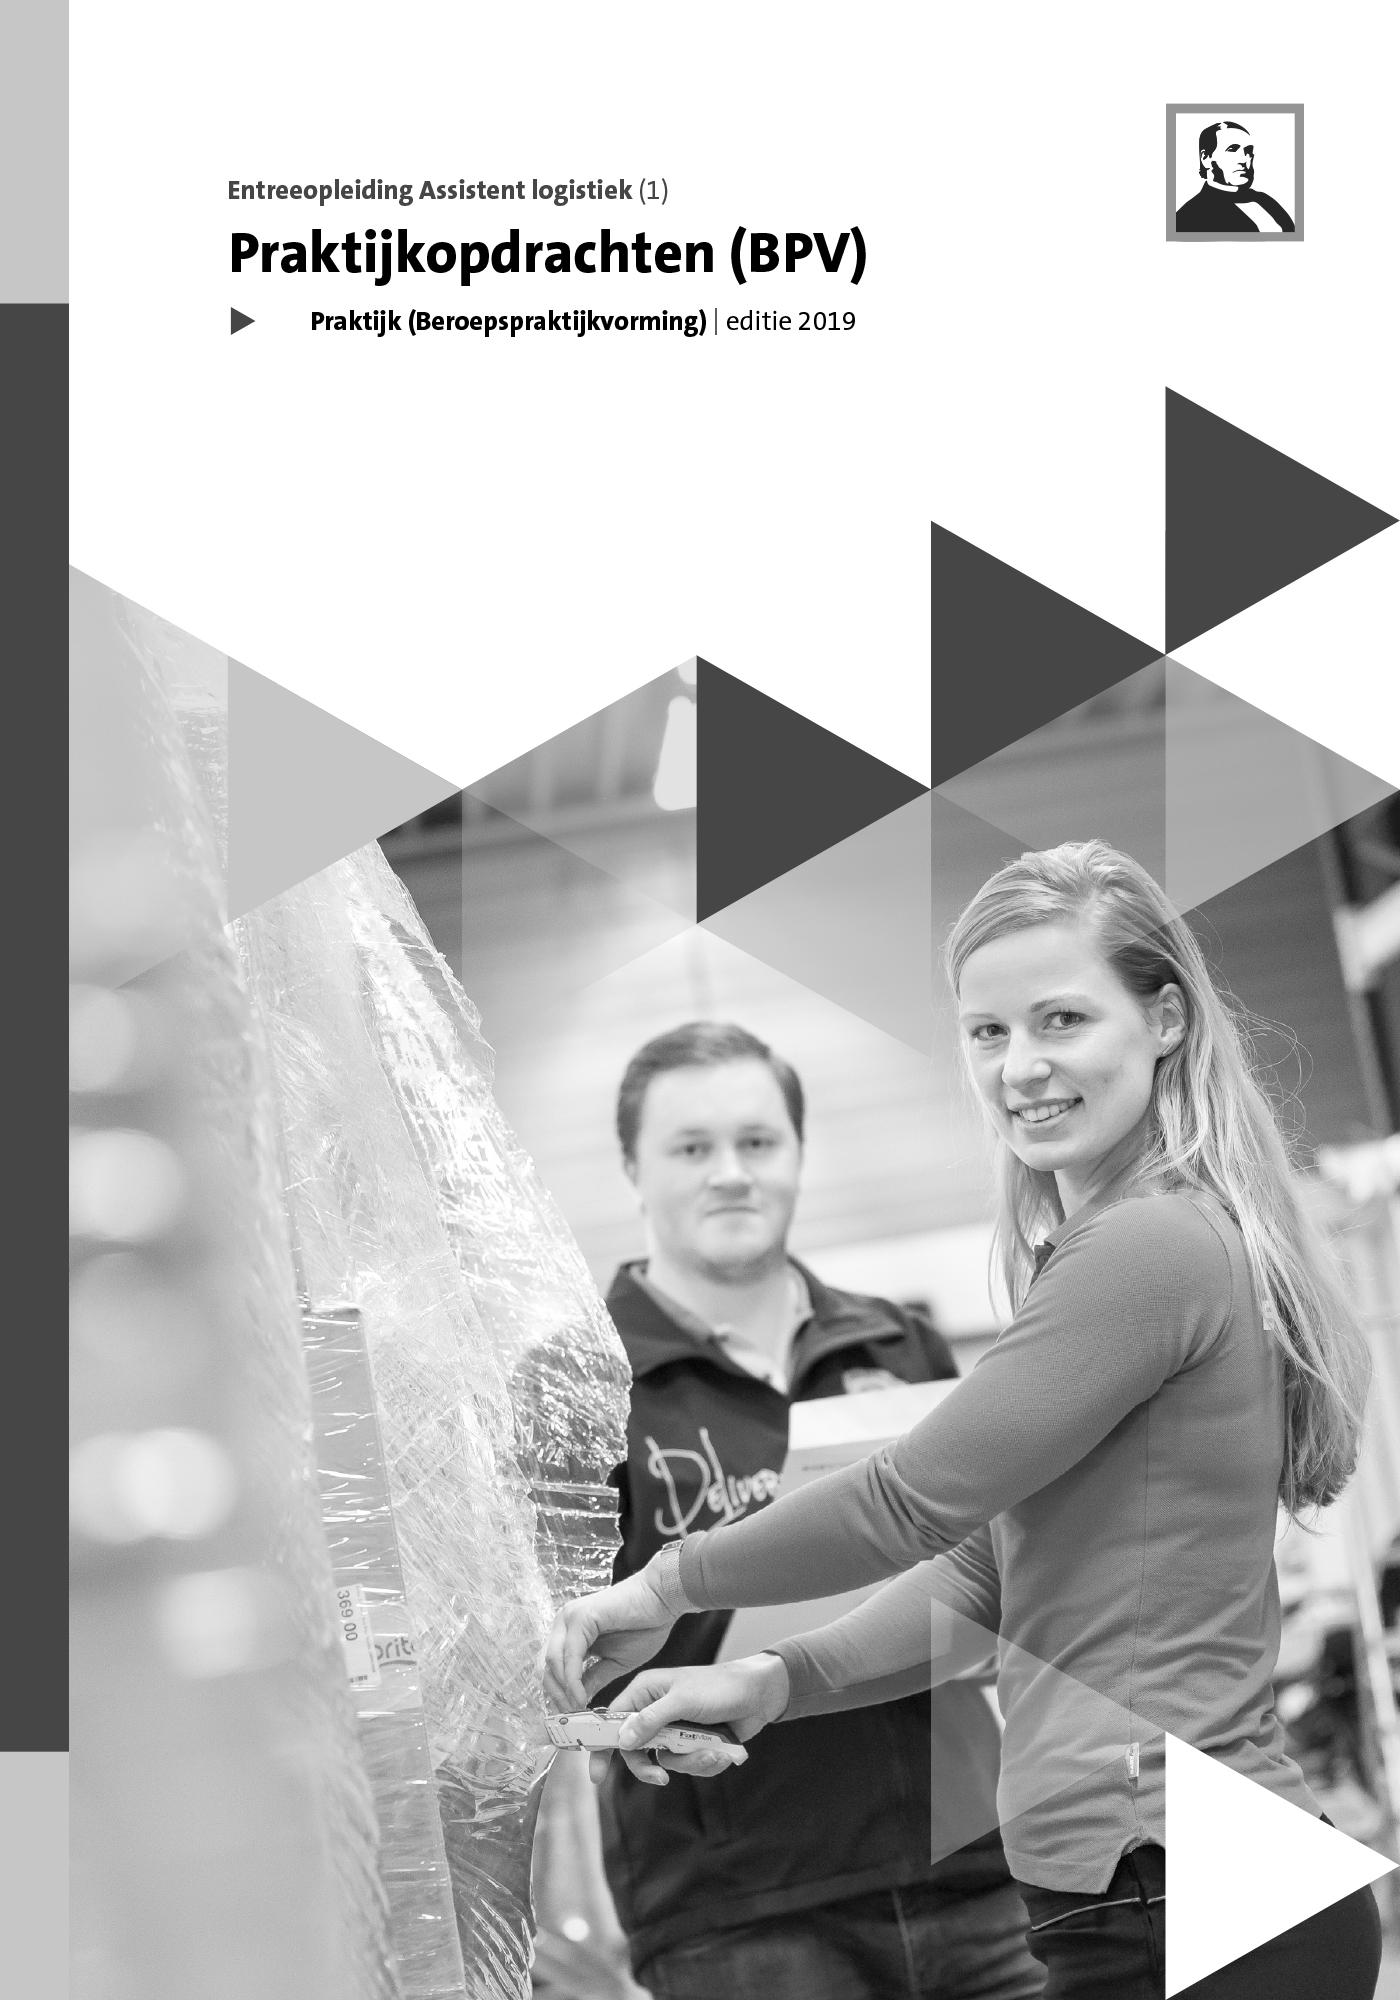 Afbeelding van Praktijkopdrachten Entree Assistent logistiek